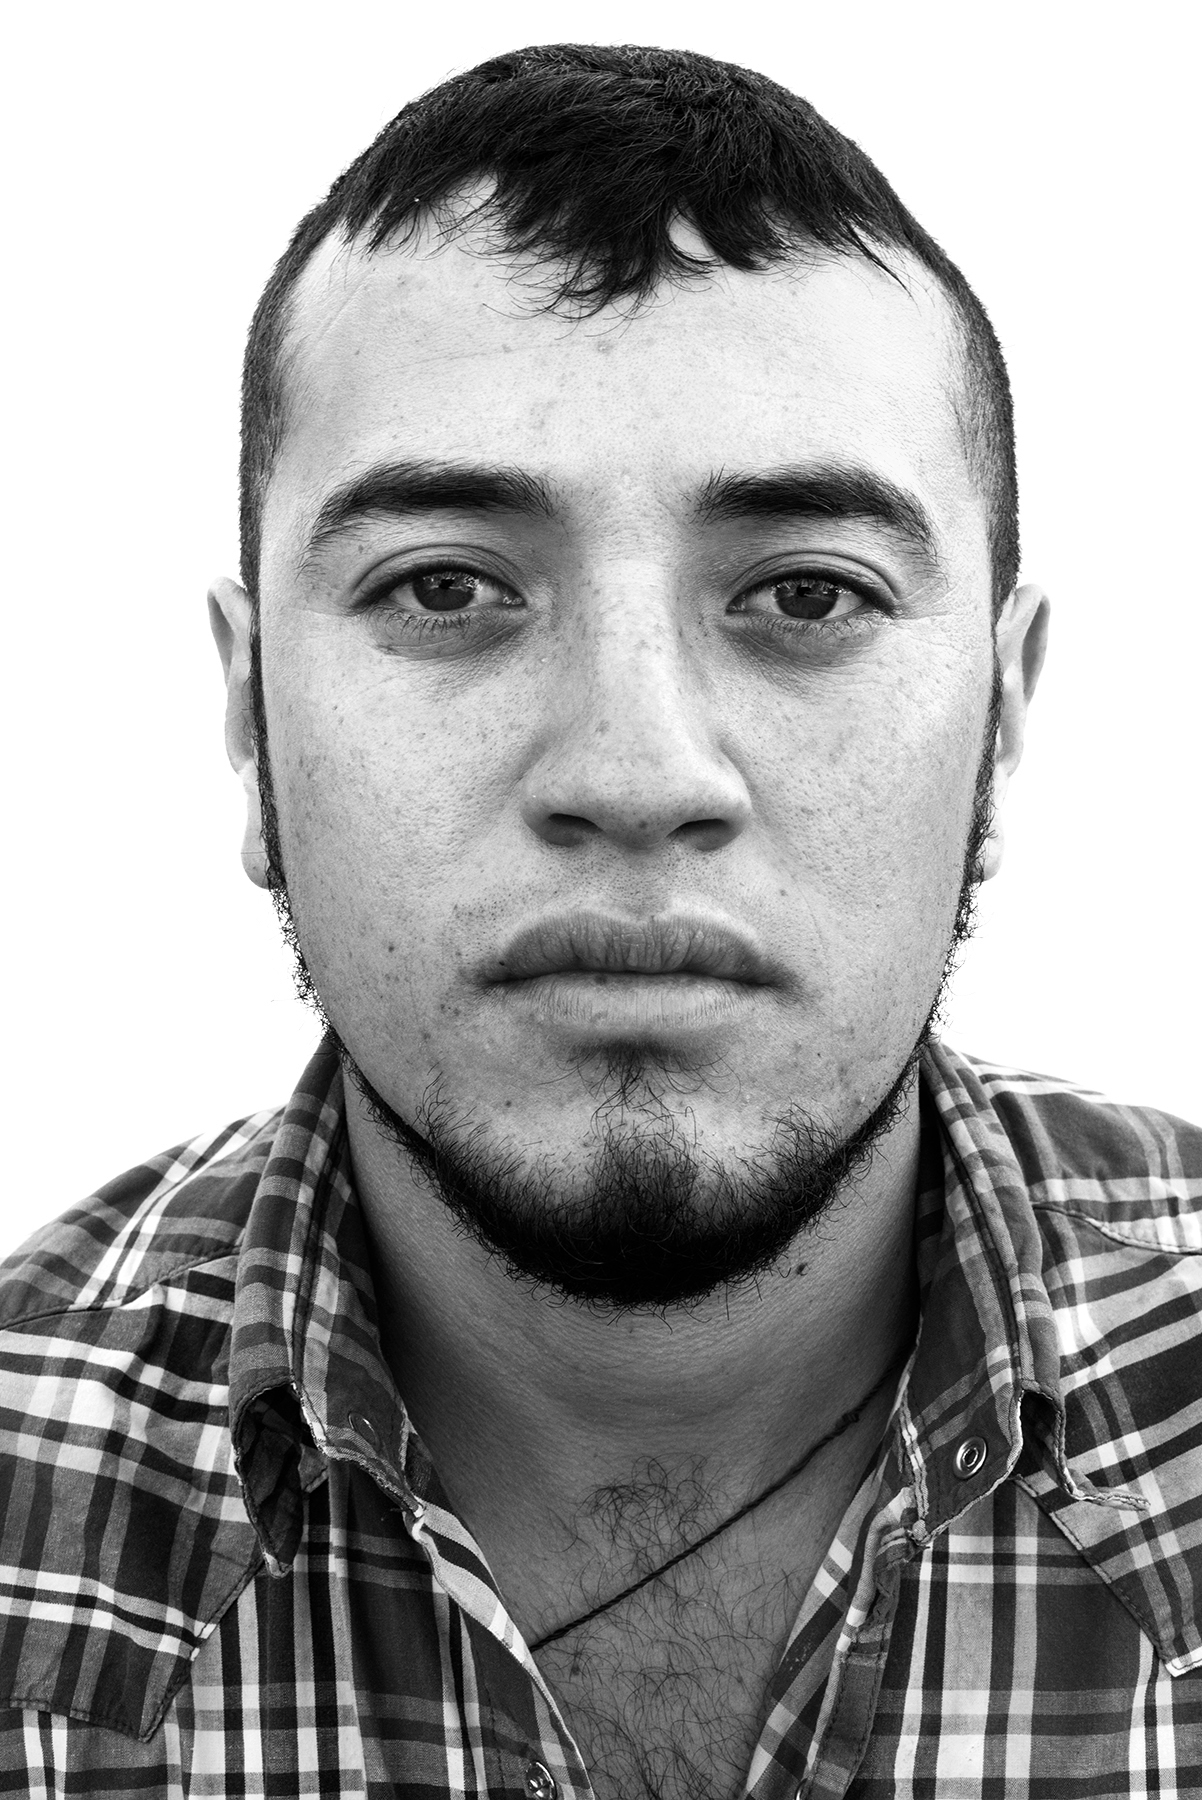 Eduardo Cardona, 22, Michoacán, Mexico.